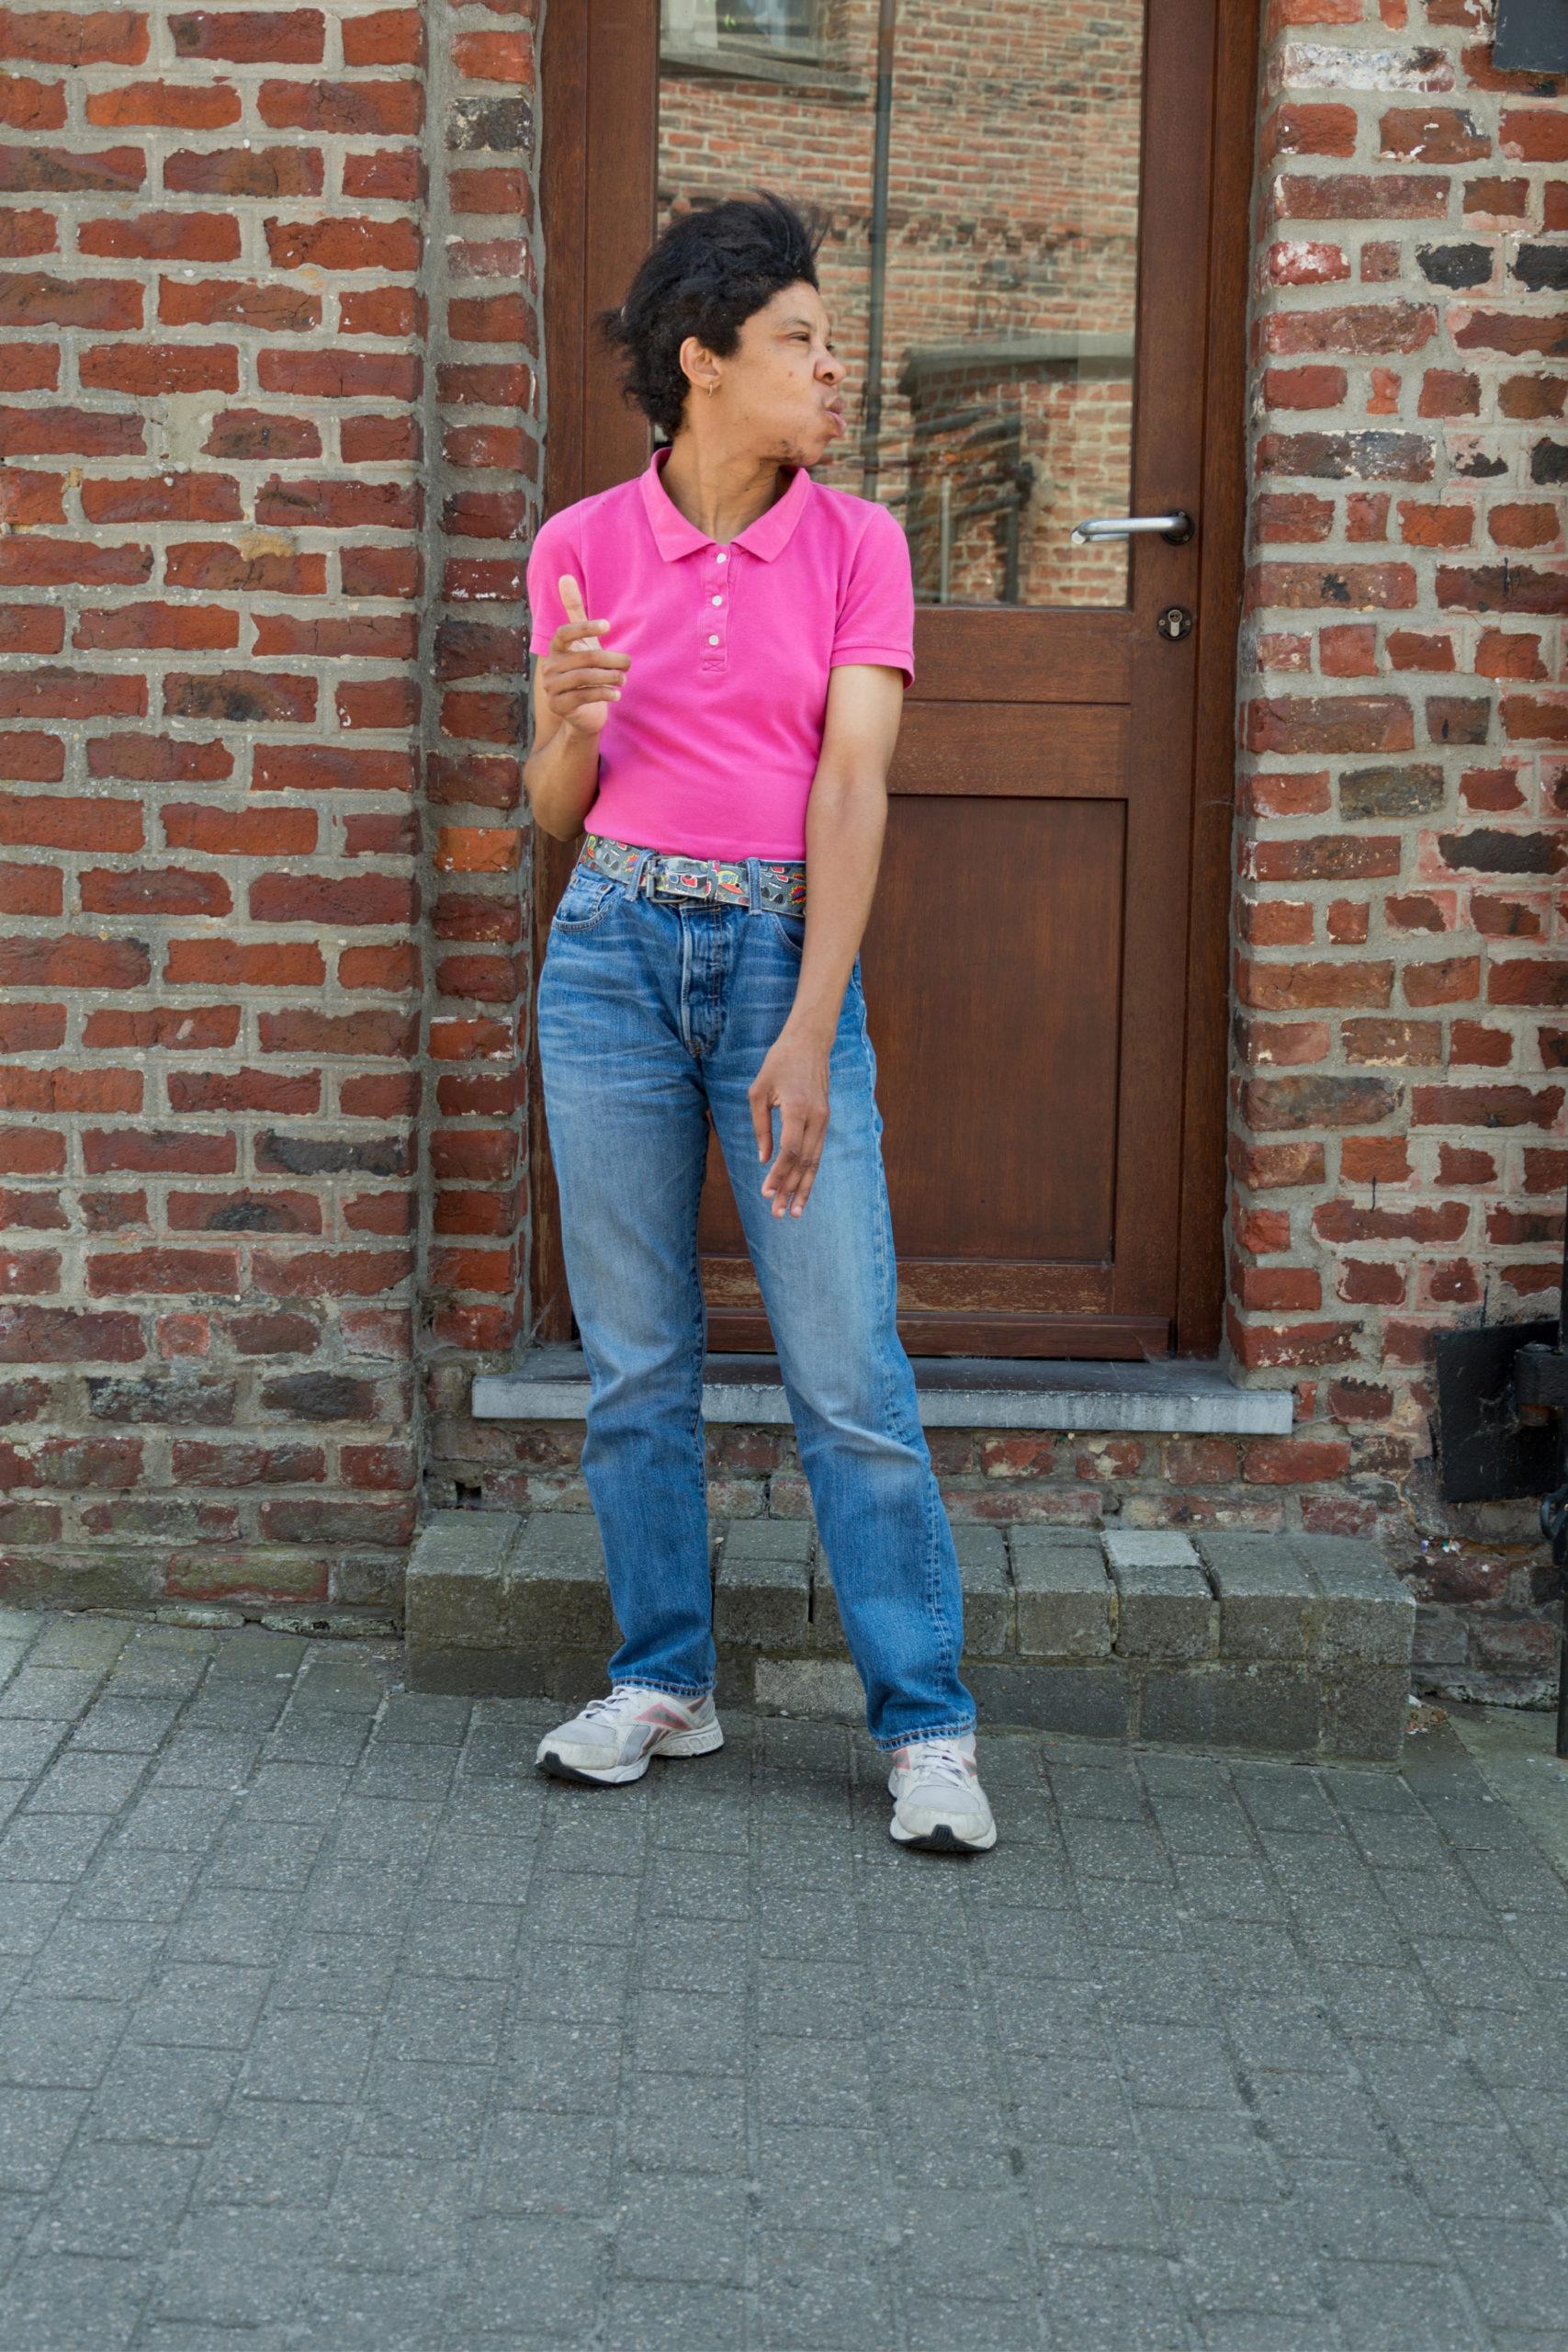 Jeune dame handicapée dehors devant une porte d'entrée d'une maison en brique rouge